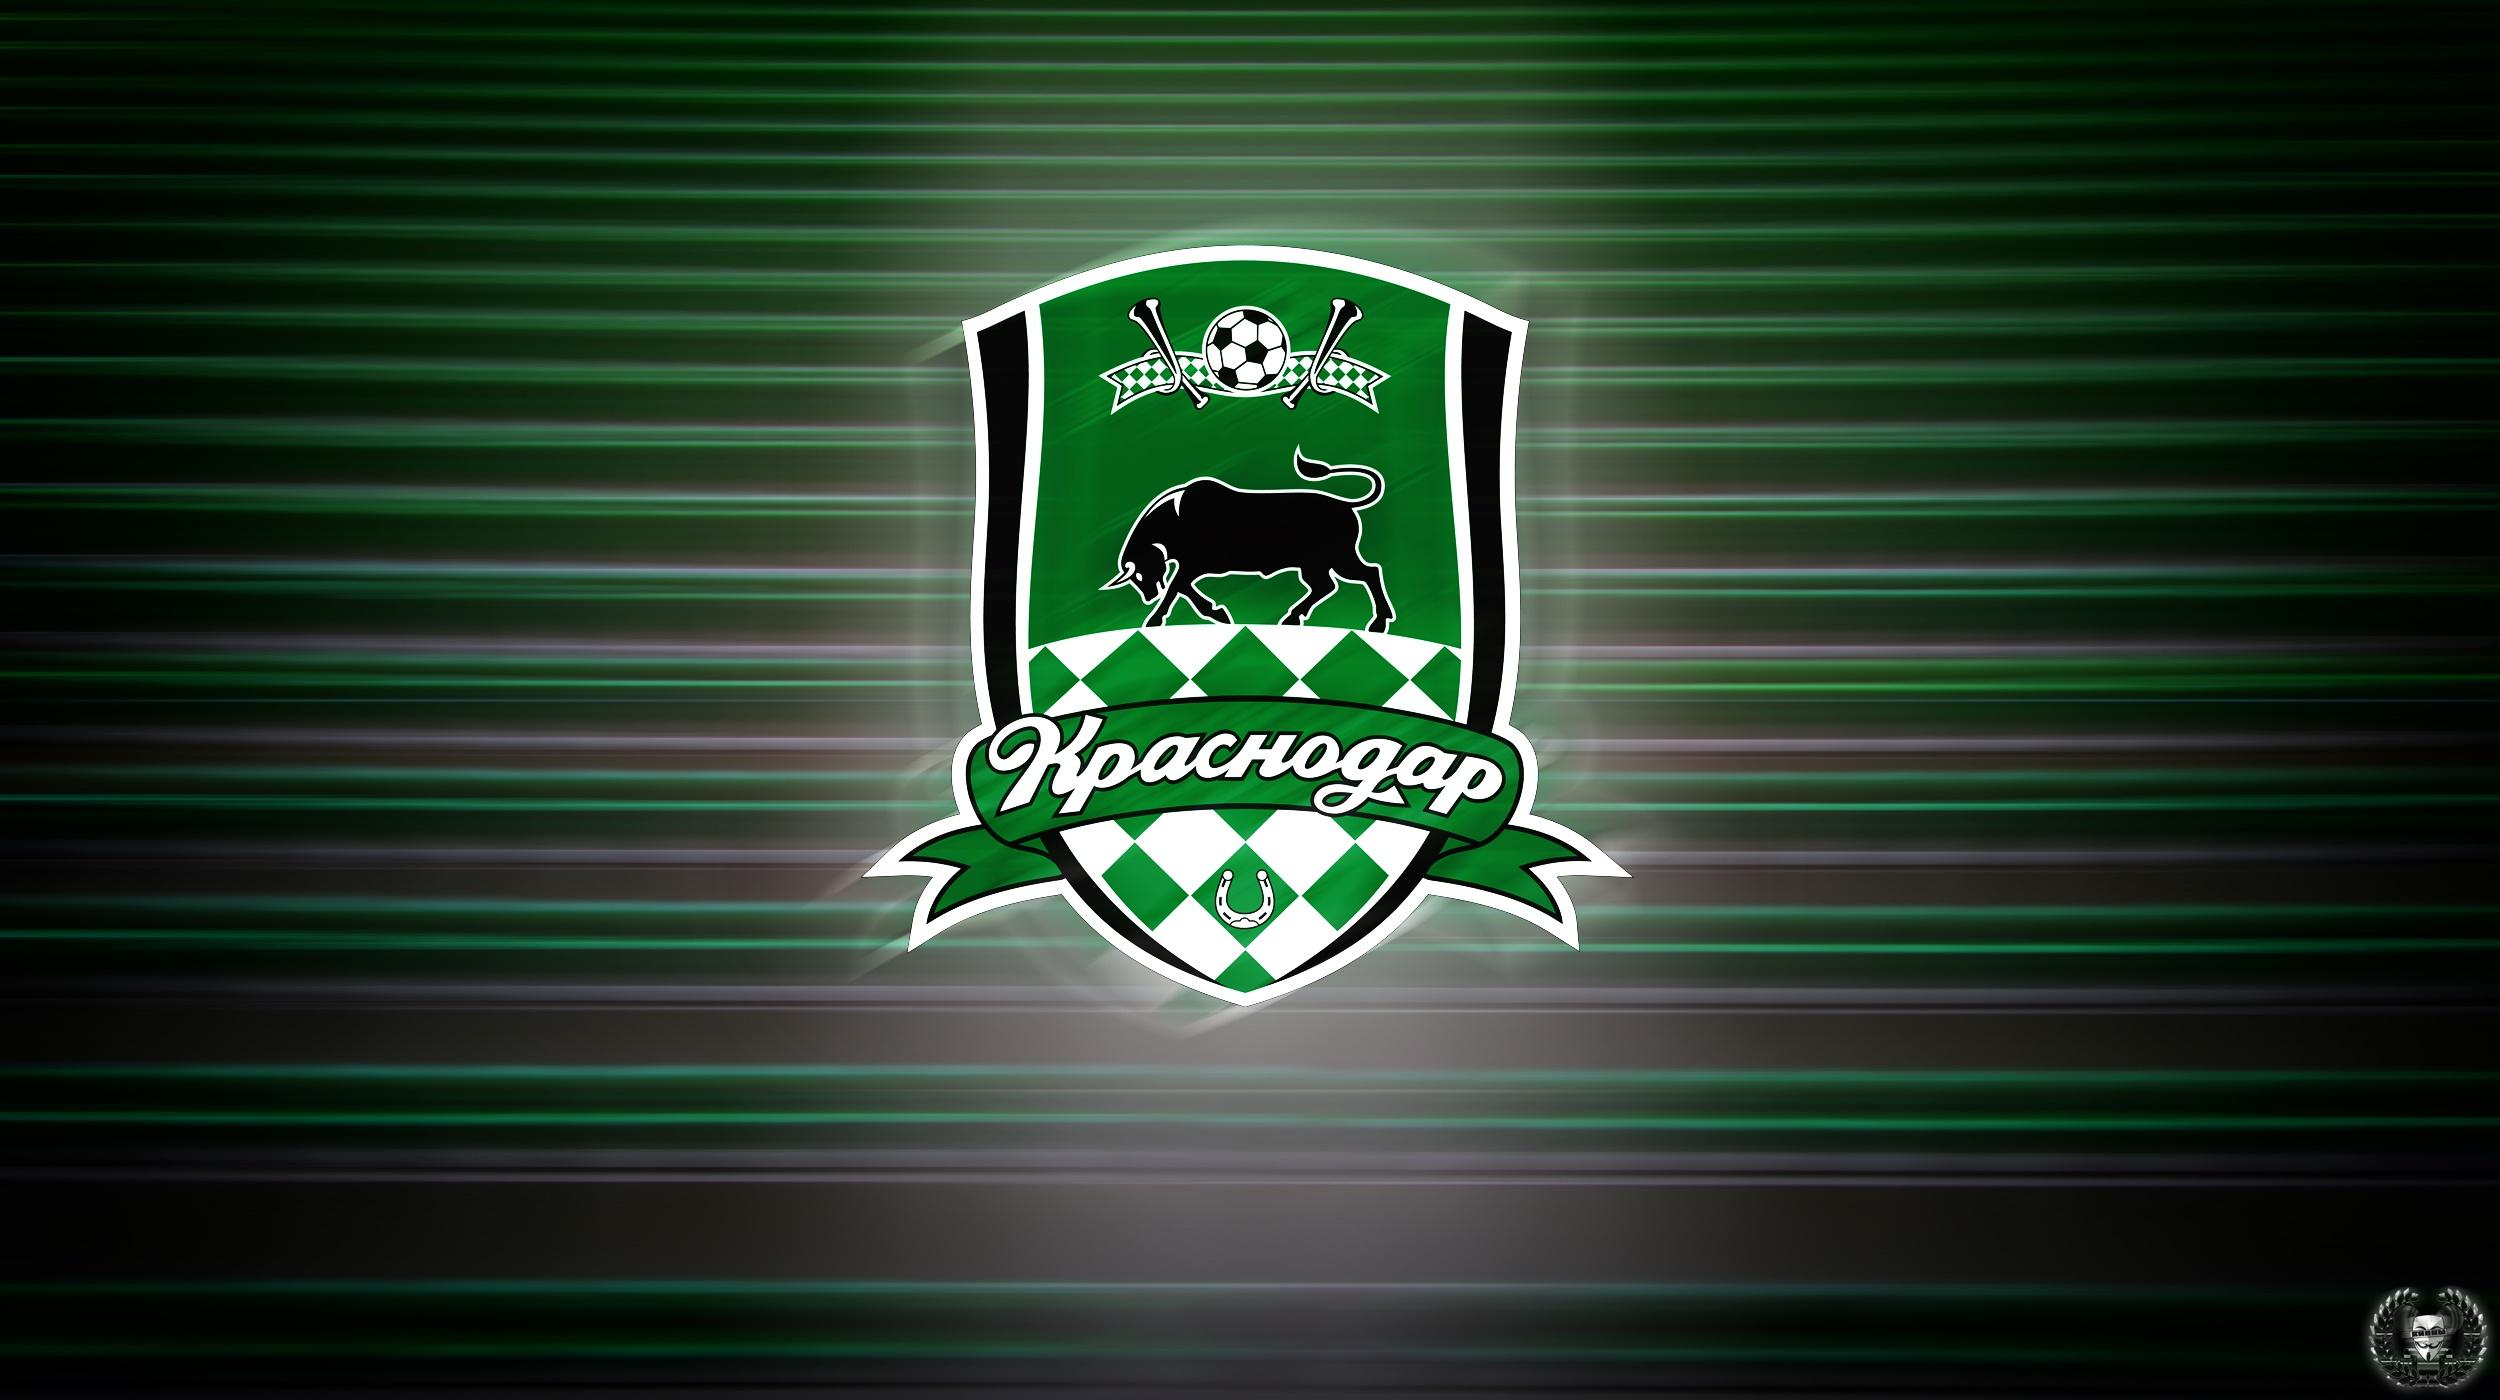 Fc Krasnodar Hd Wallpaper Achtergrond 2500x1400 Id 984974 Wallpaper Abyss